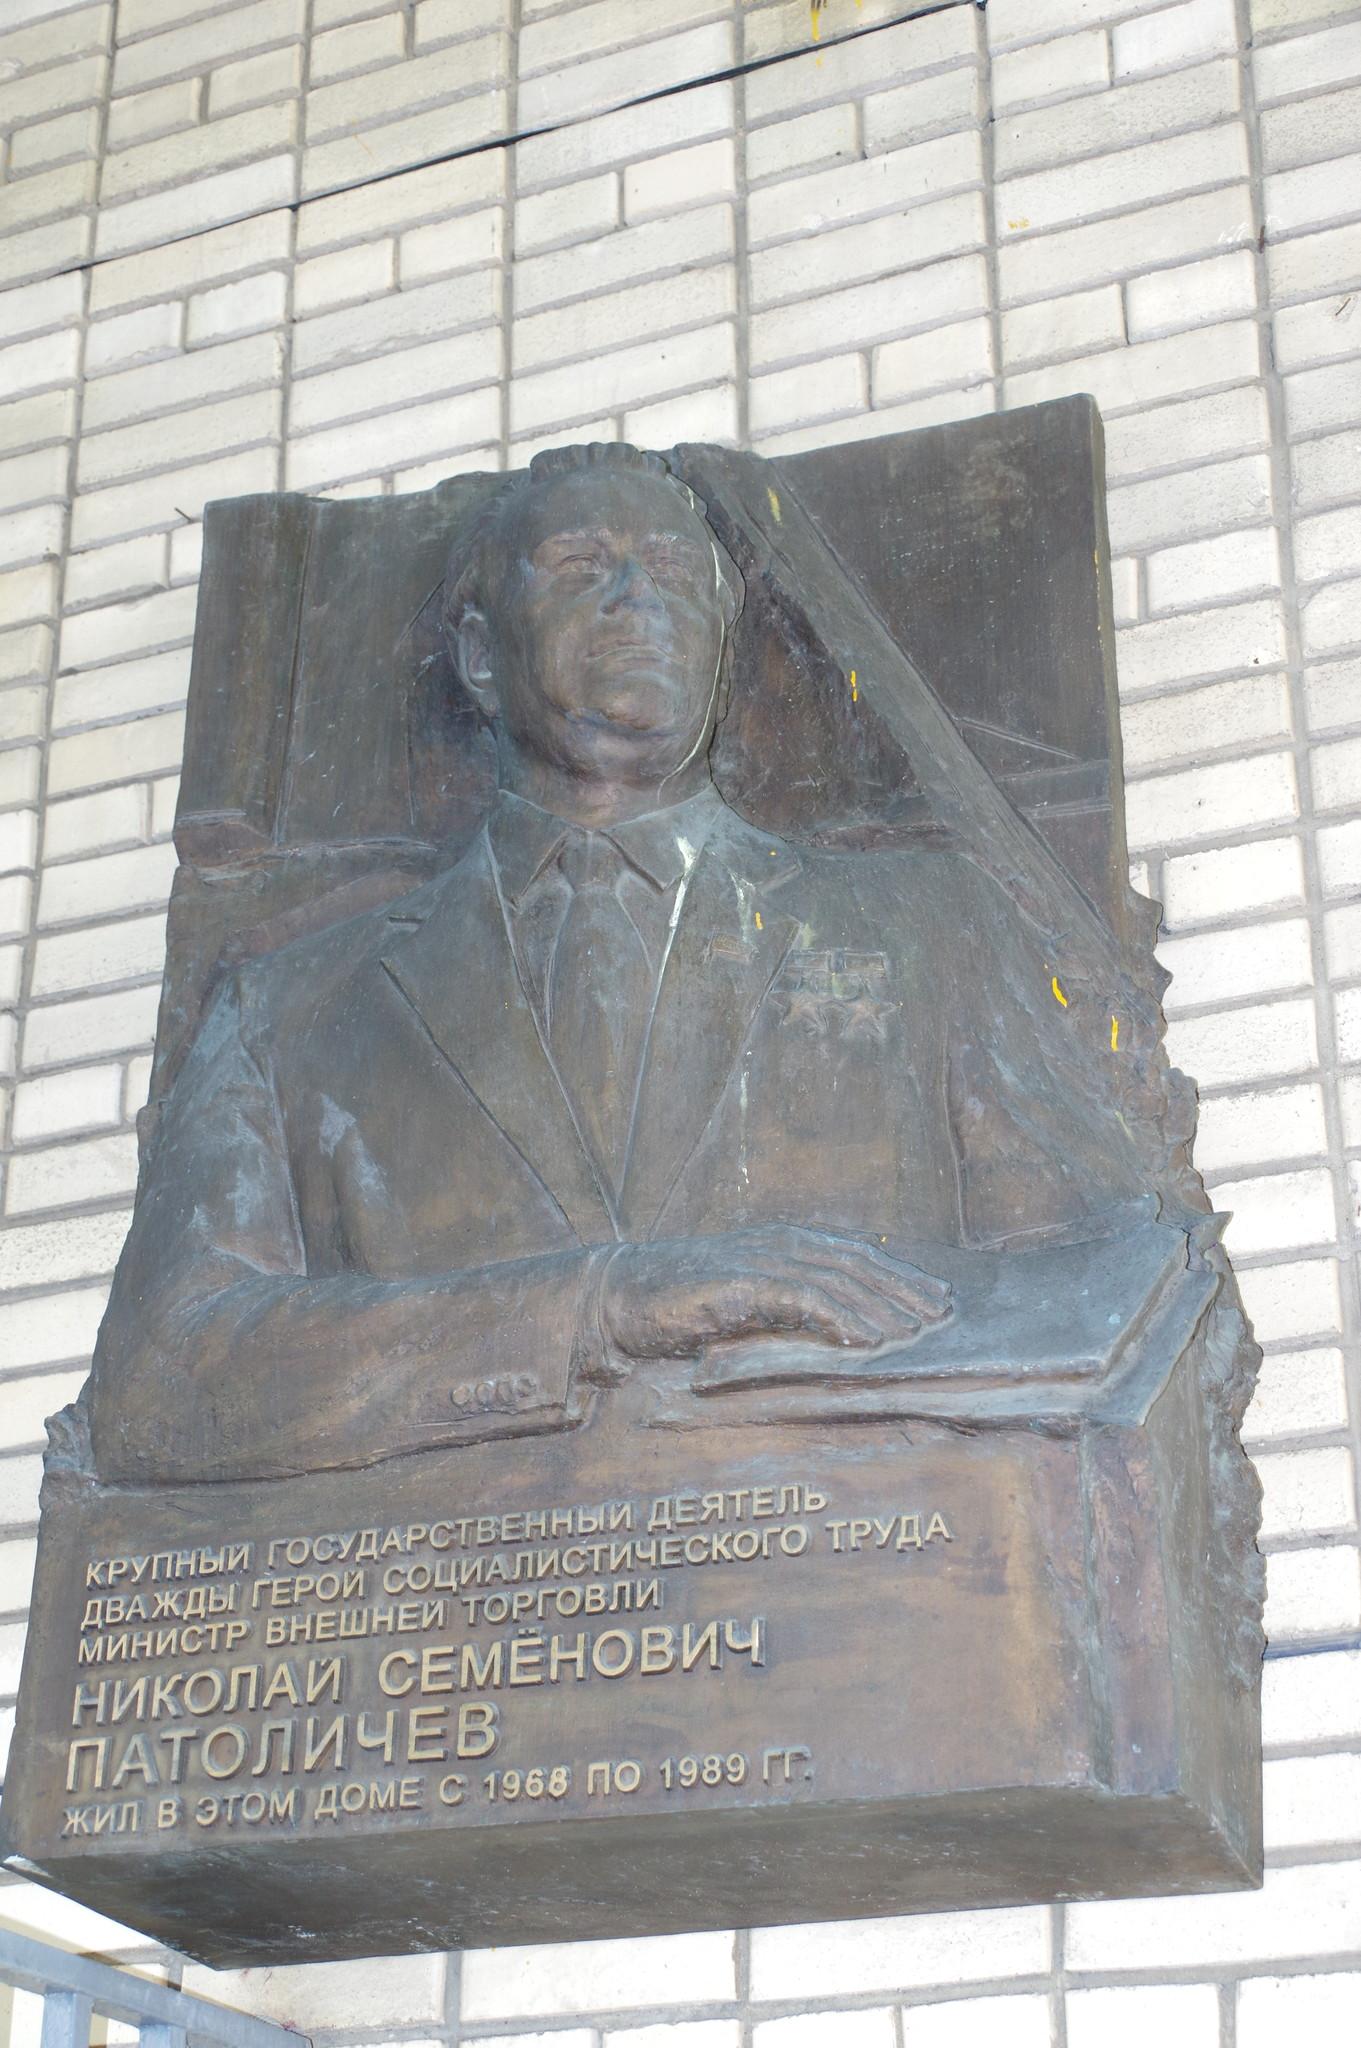 Мемориальная доска на фасаде дома Москве, где с 1968 года по 1989 год жил министр внешней торговли СССР Николай Семёнович Патоличев (улица Спиридоновка, дом 18)